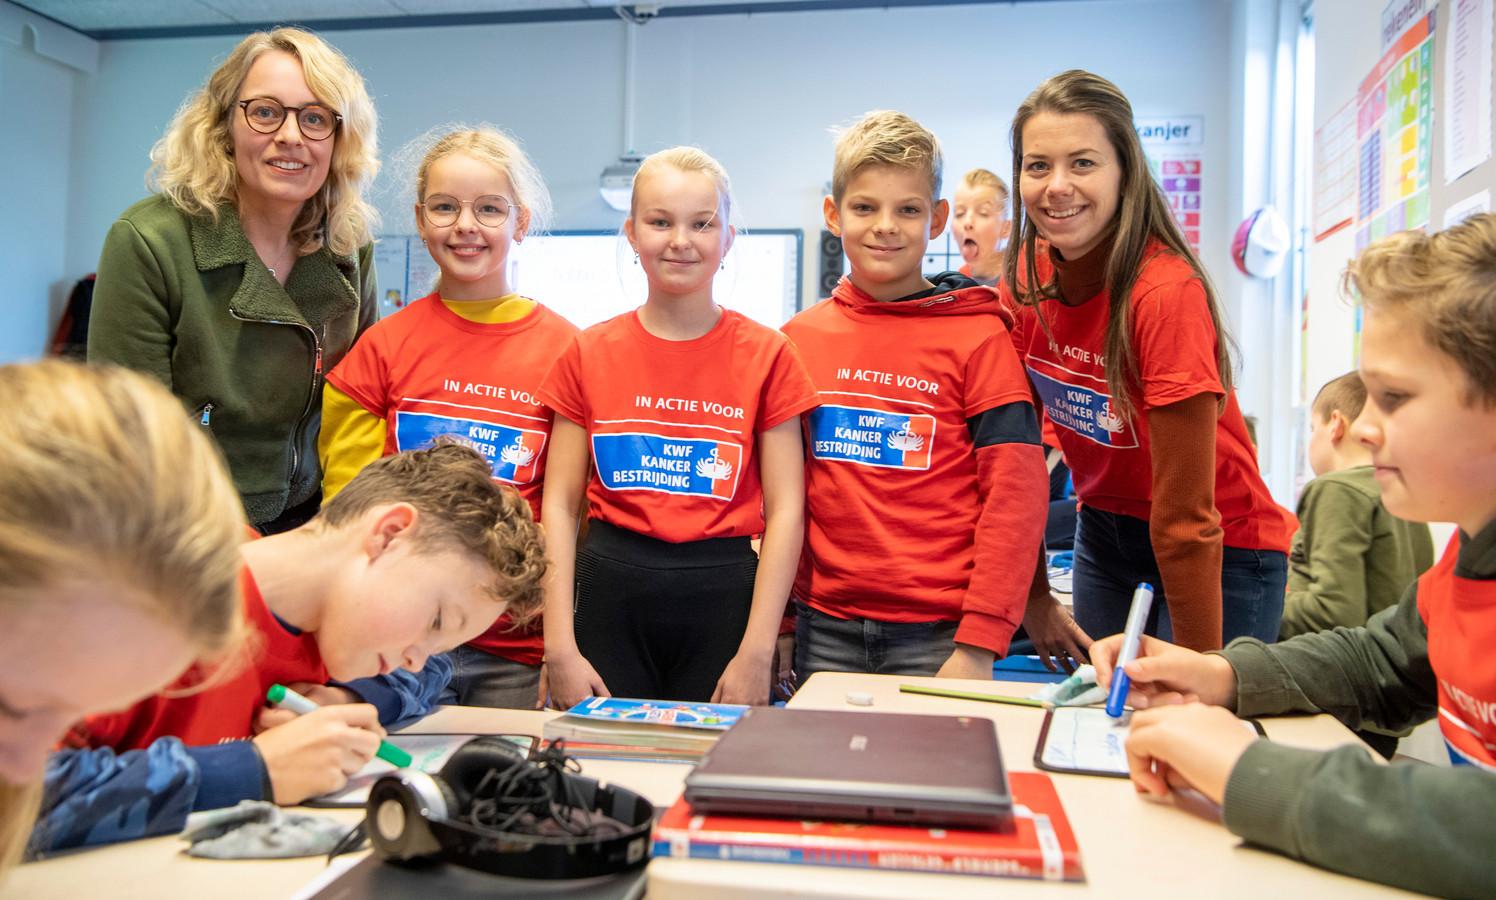 Leerlingen van groep 8 van basisschool De Zaaier in Nieuwleusen voeren actie voor KWF nu twee hun juffen zijn getroffen door de ziekte. V.l.n.r. juf Dianne Paauw, leerlingen Larissa Groen, Nathalie Brinkman en Jort van den Bergh, en hun juf Chantal van Haarst.